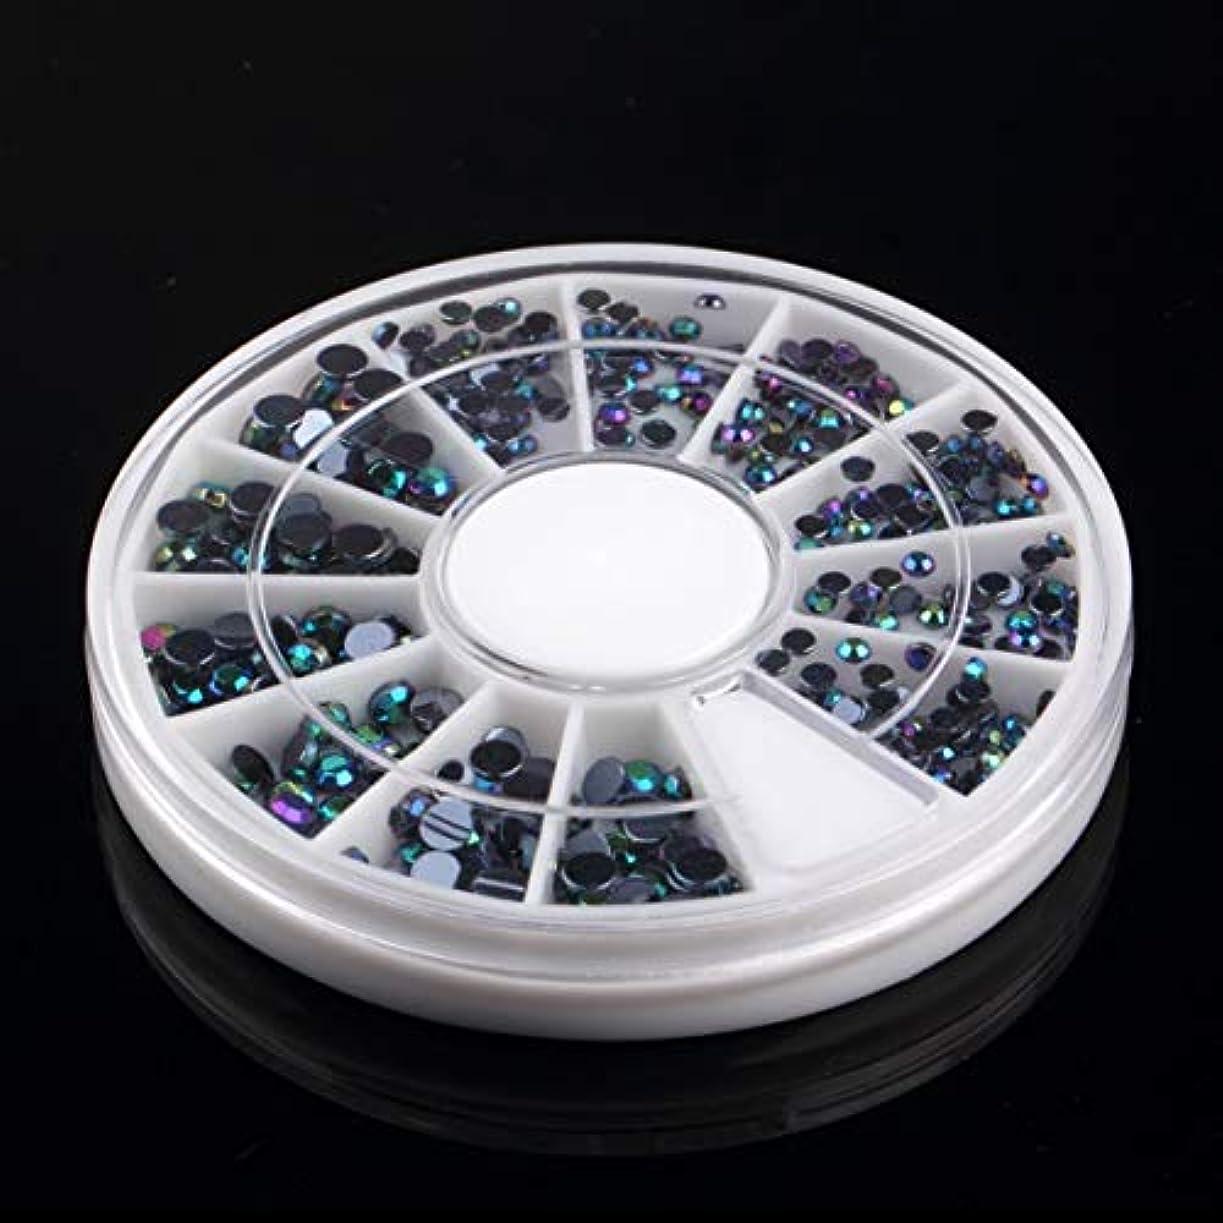 凝縮する酔っ払い視線Birdlantern 300ピース3d宝石クリスタルネイルアートステッカーのヒントクリスタルグリッターラインストーンdiyの装飾マニキュア+ホイールターンテーブル